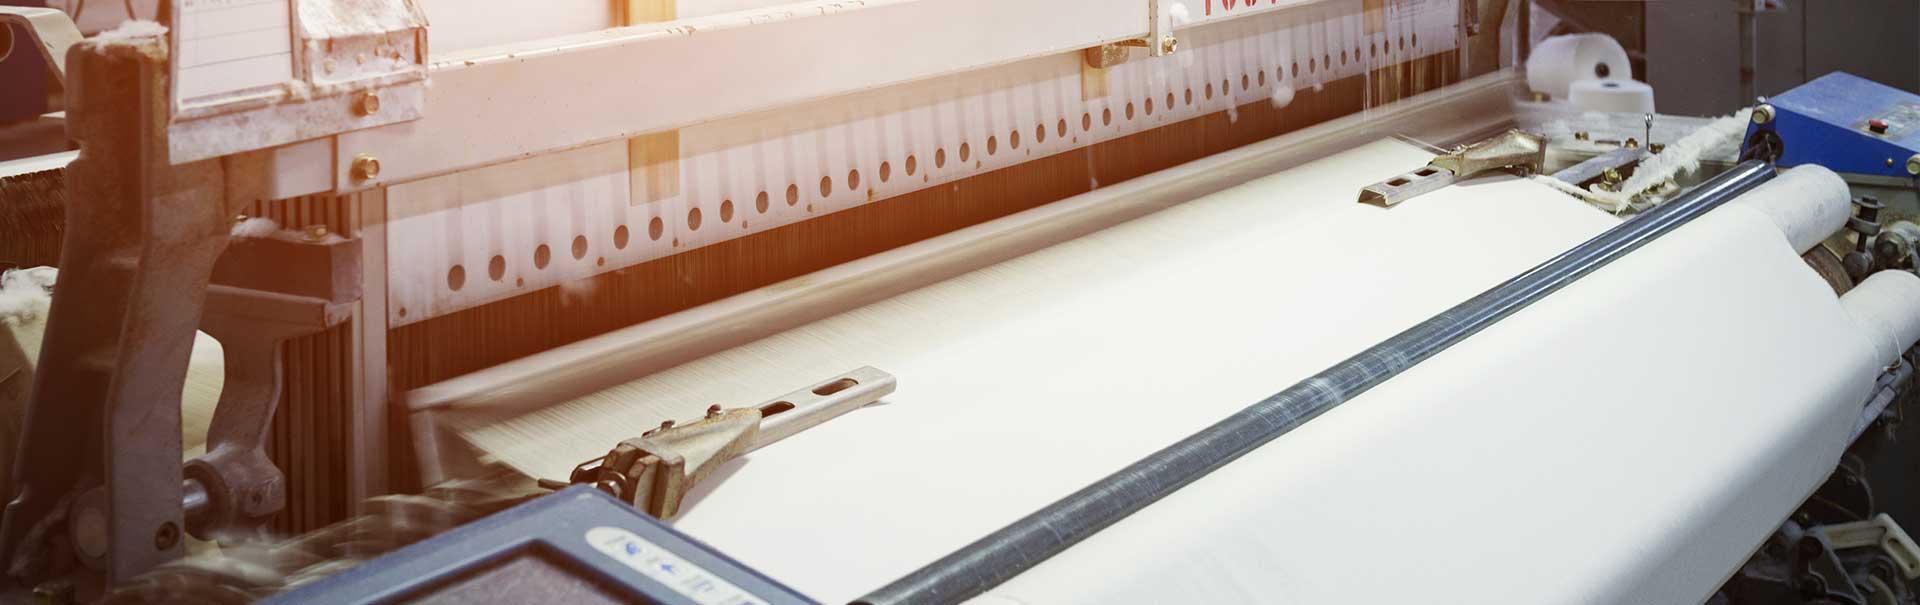 威斯迈激光打标机-高规格的生产管理